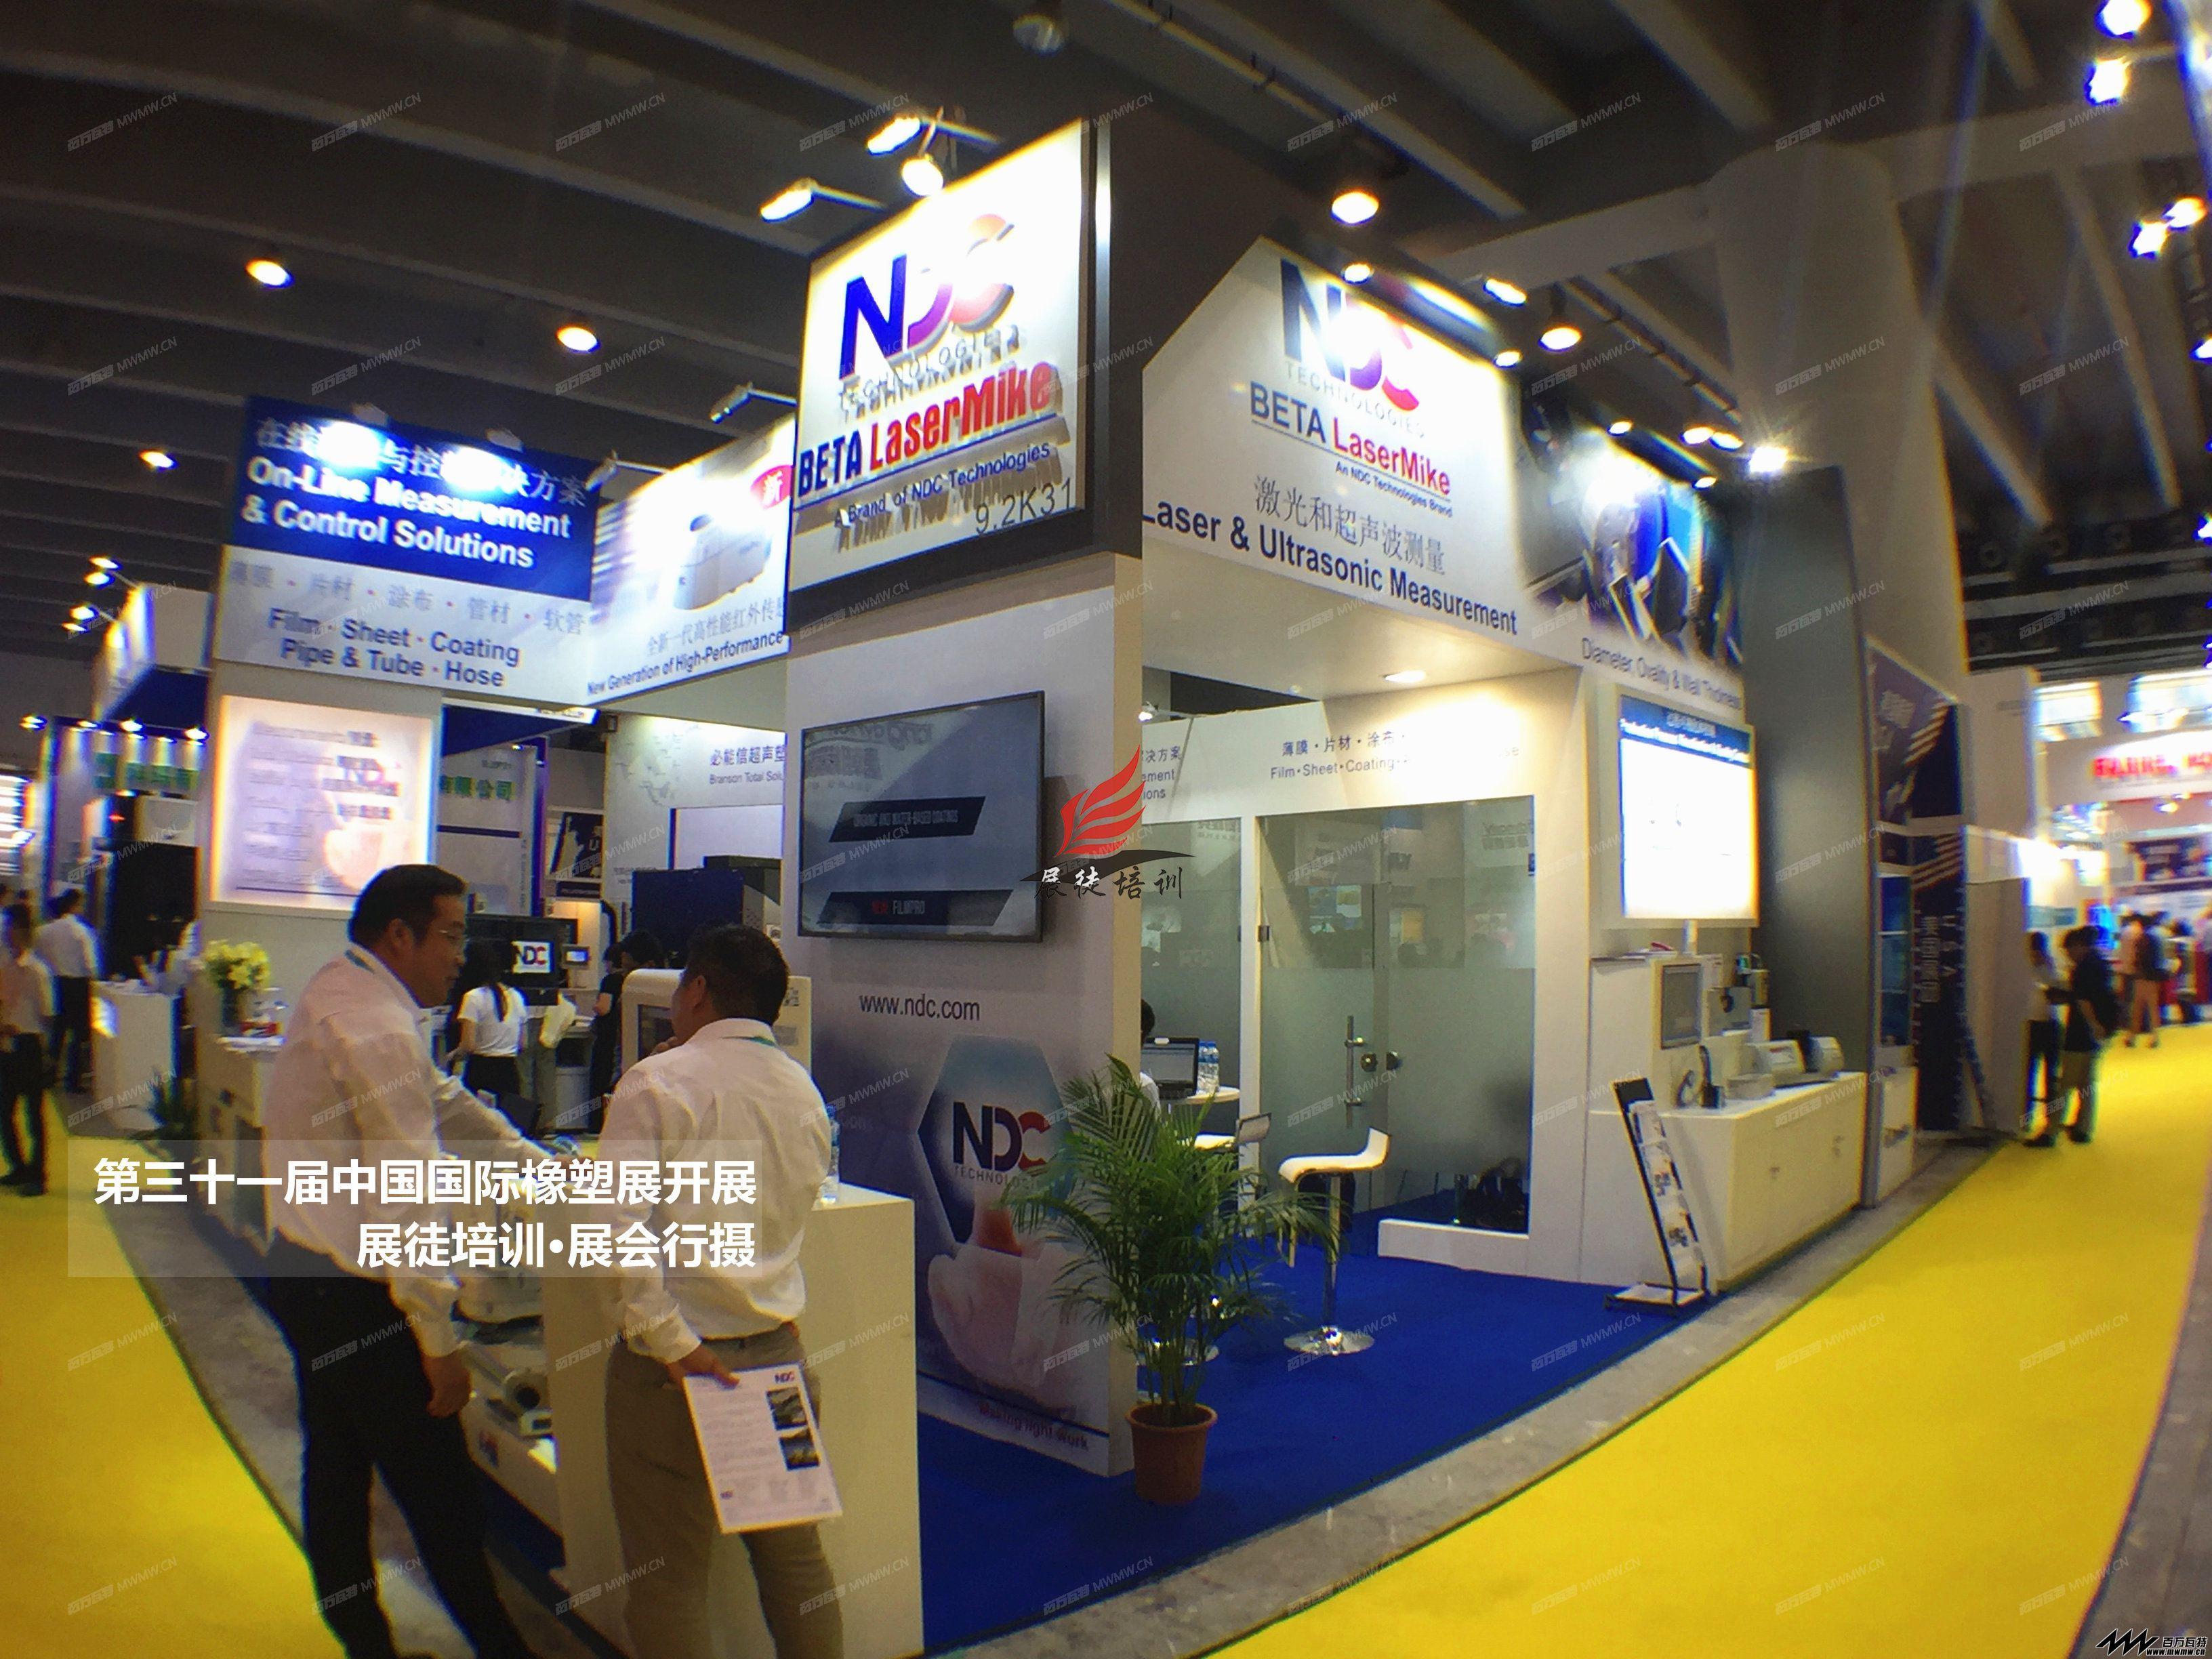 2017第三十一届中国国际橡塑展·展徒培训·展会行摄 (45) - 副本.JPG